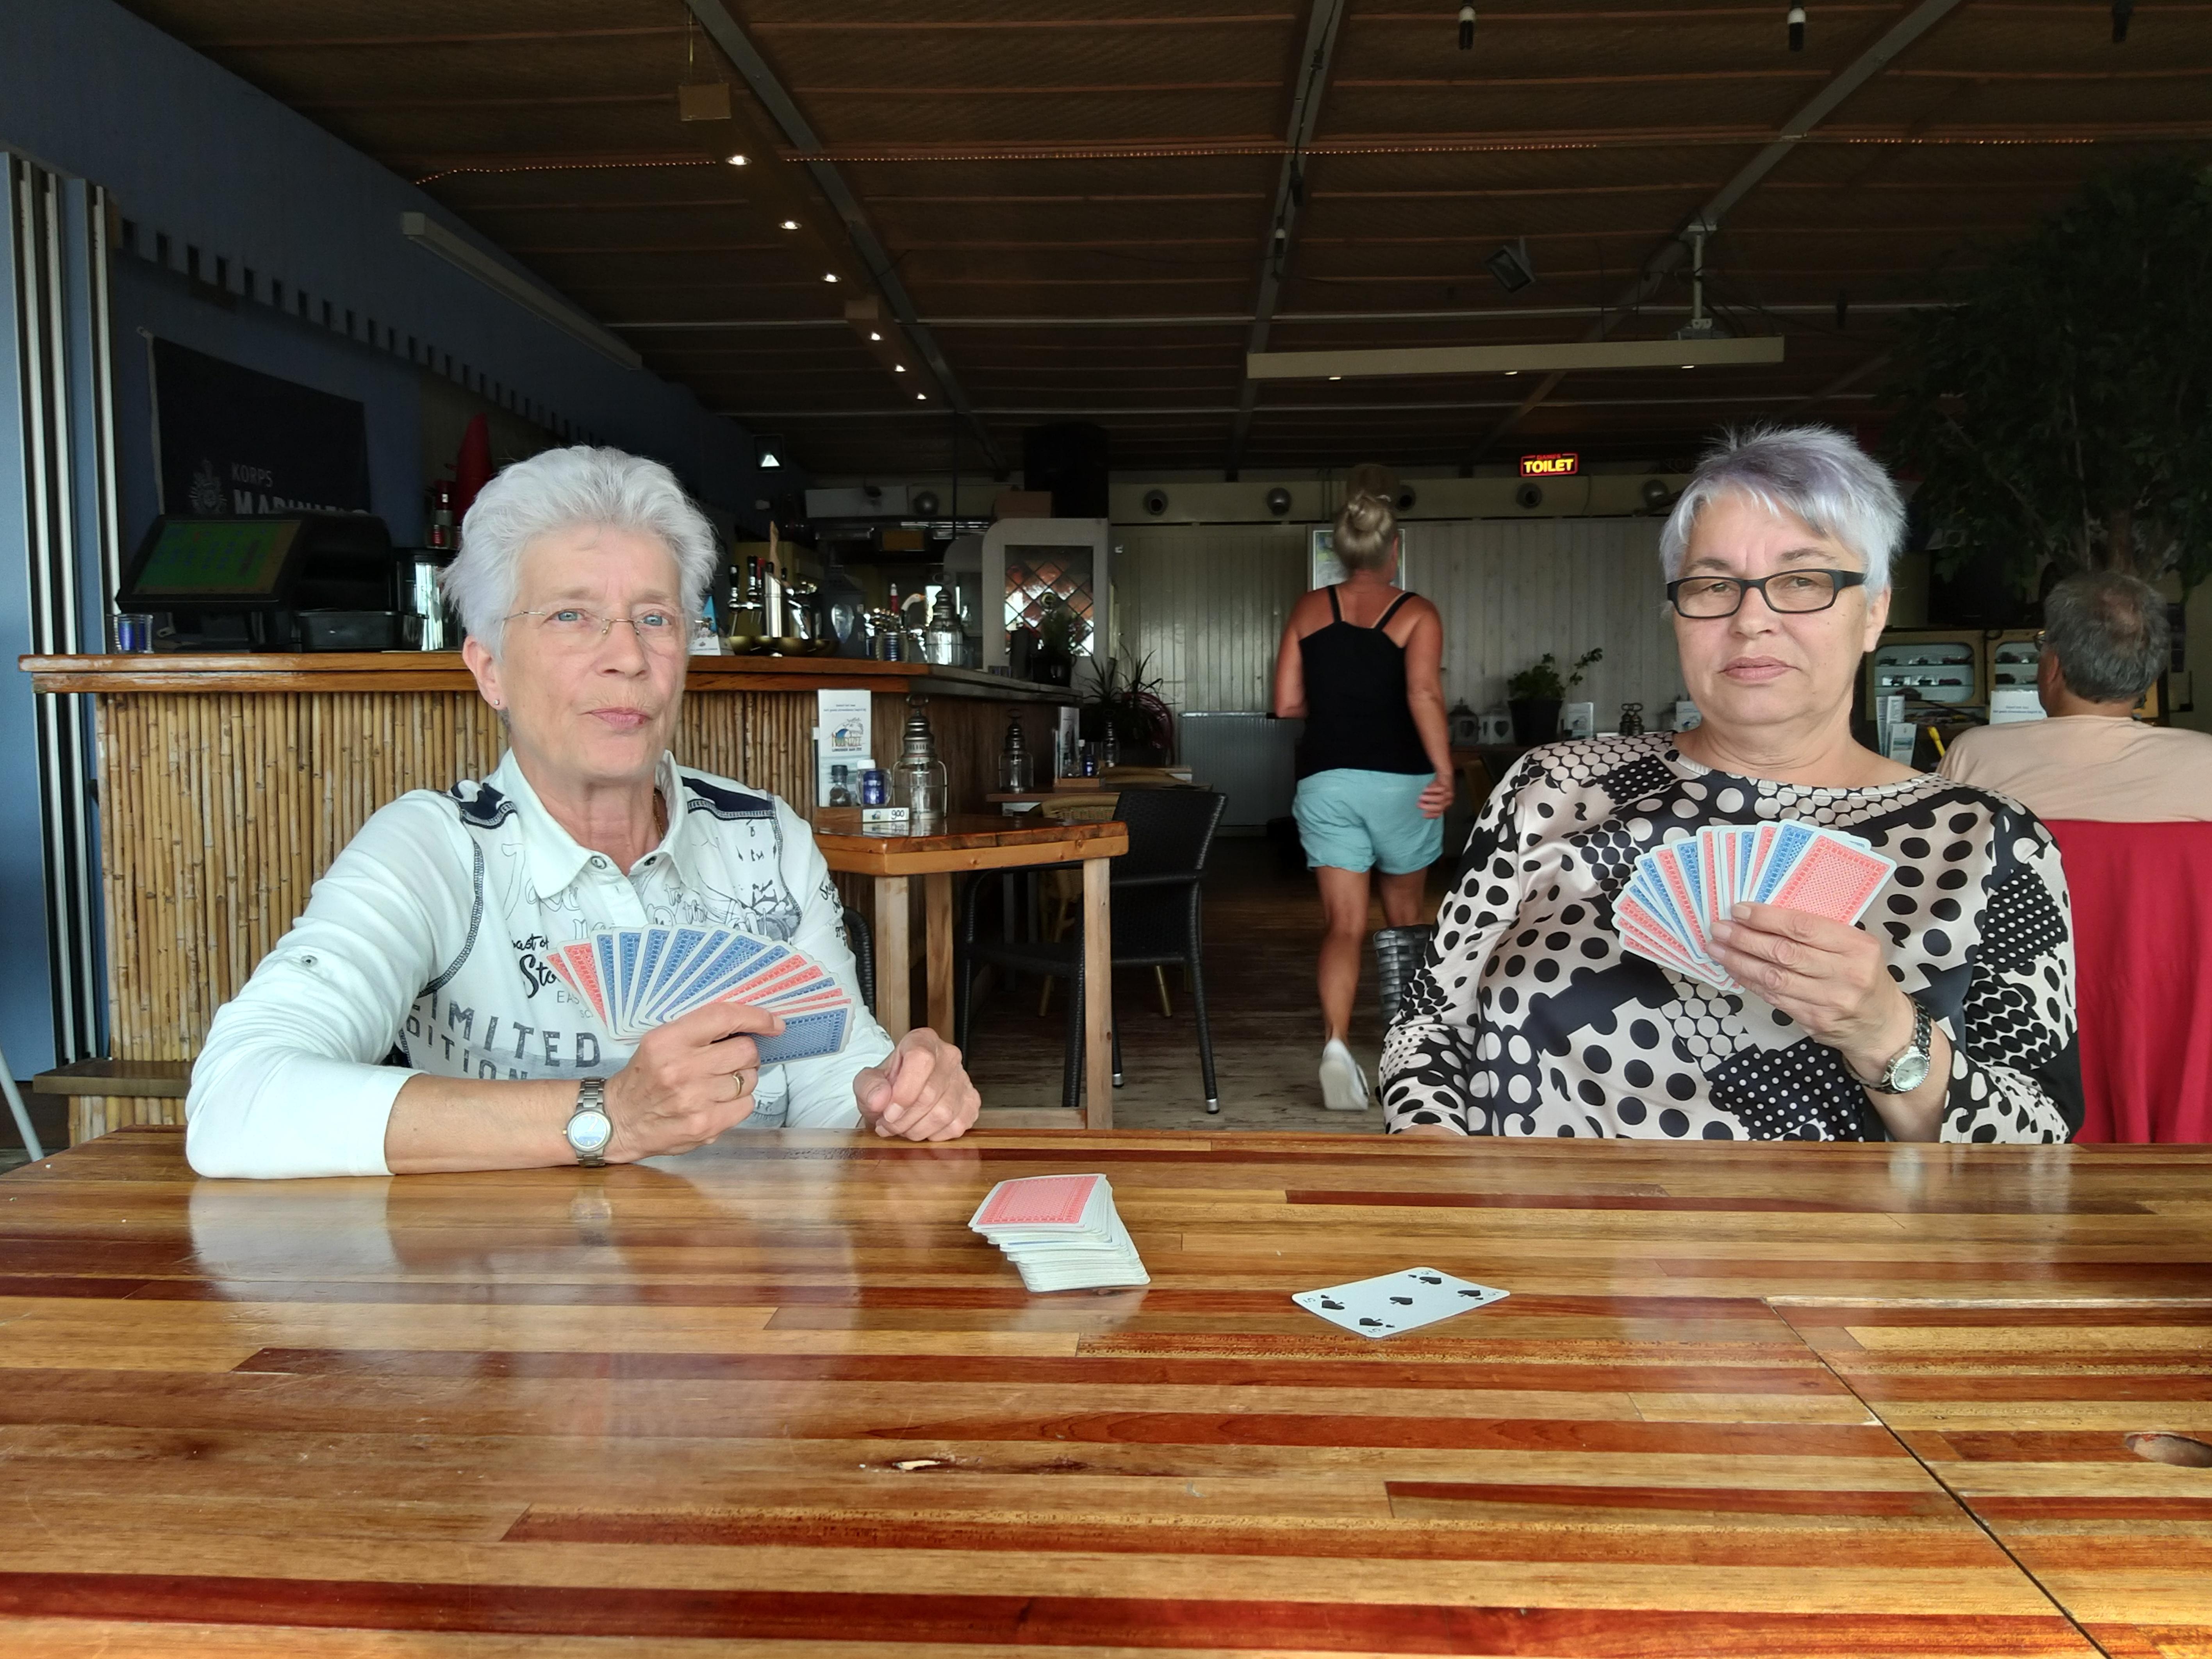 Het regent annuleringen door code rood bij oosterburen, maar niet alle Duitse toeristen laten zich wegjagen uit de IJmond